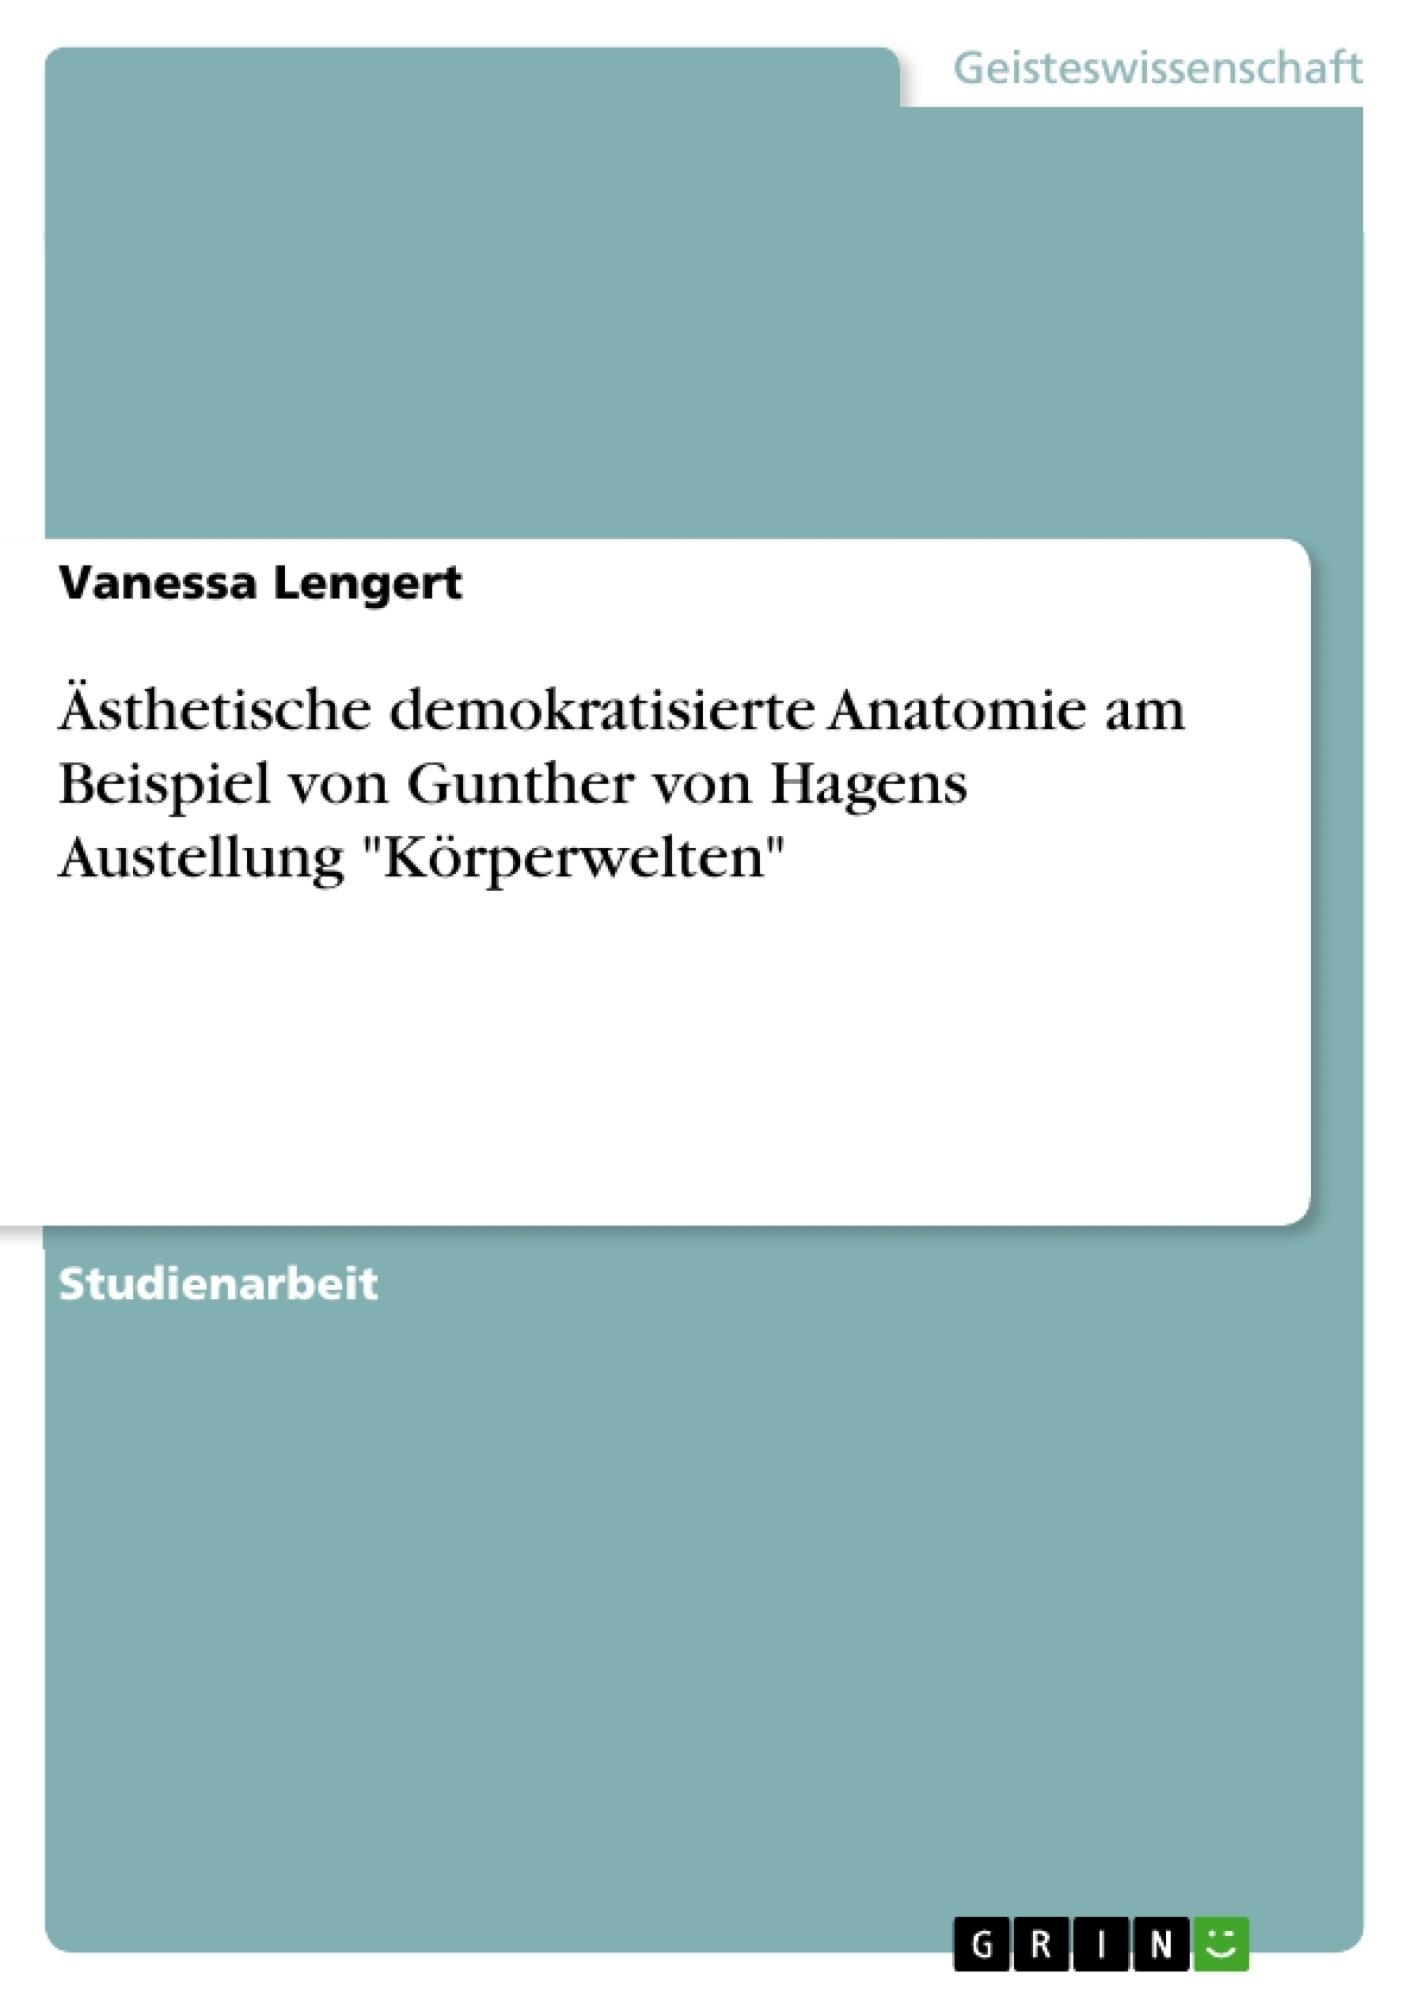 Wunderbar Neue Anatomie Entdeckungen Zeitgenössisch - Menschliche ...